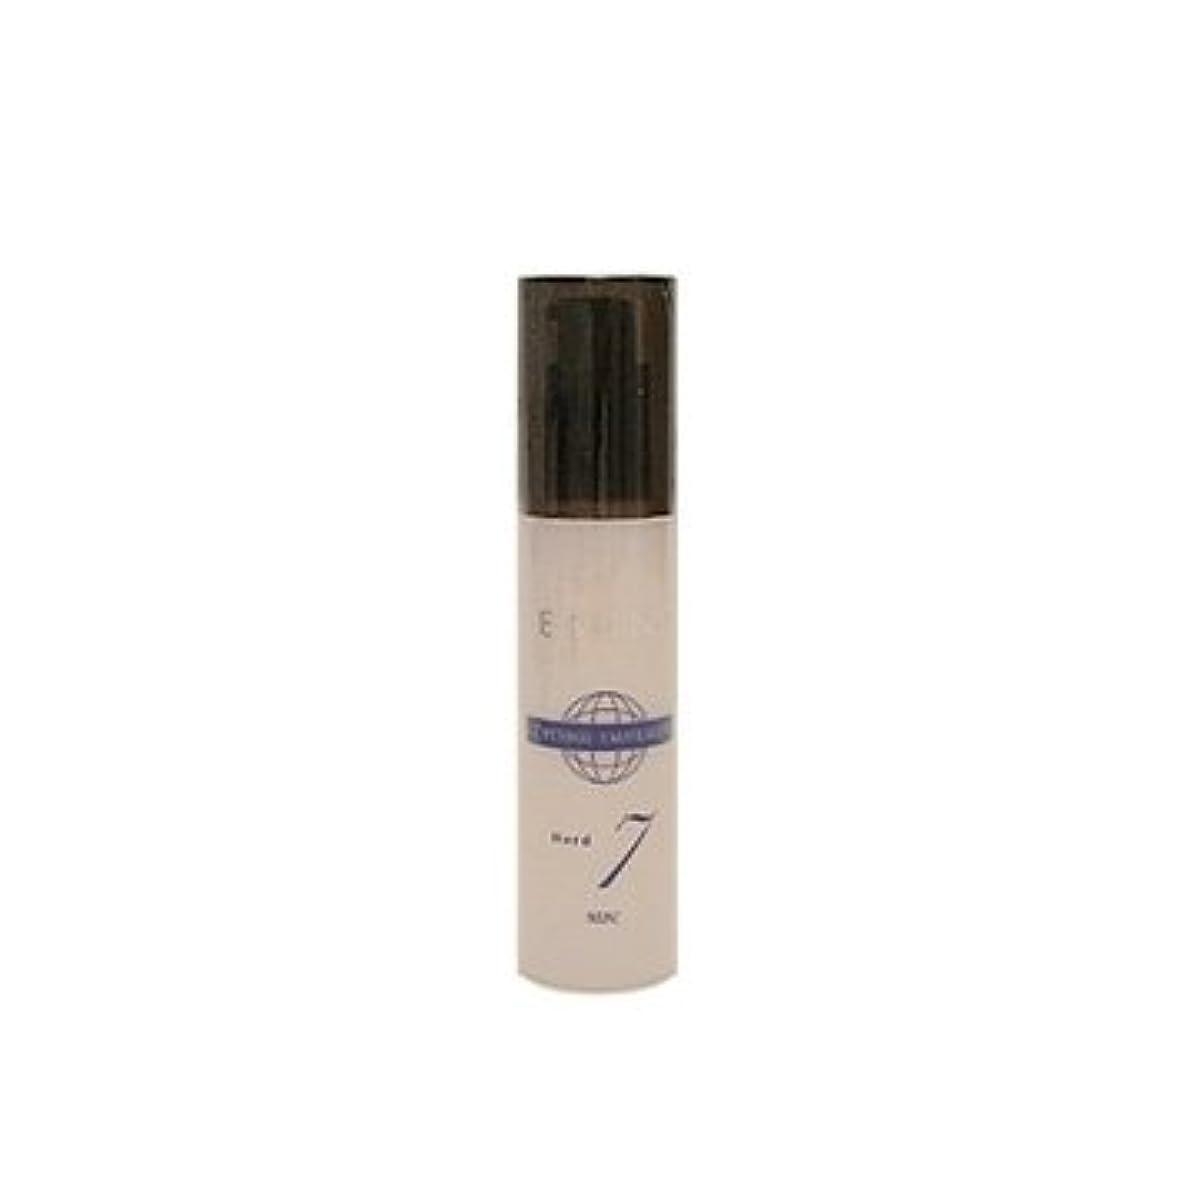 二マニア添加剤リアル化学 レミノ スタイリングエマルジョン7 48g